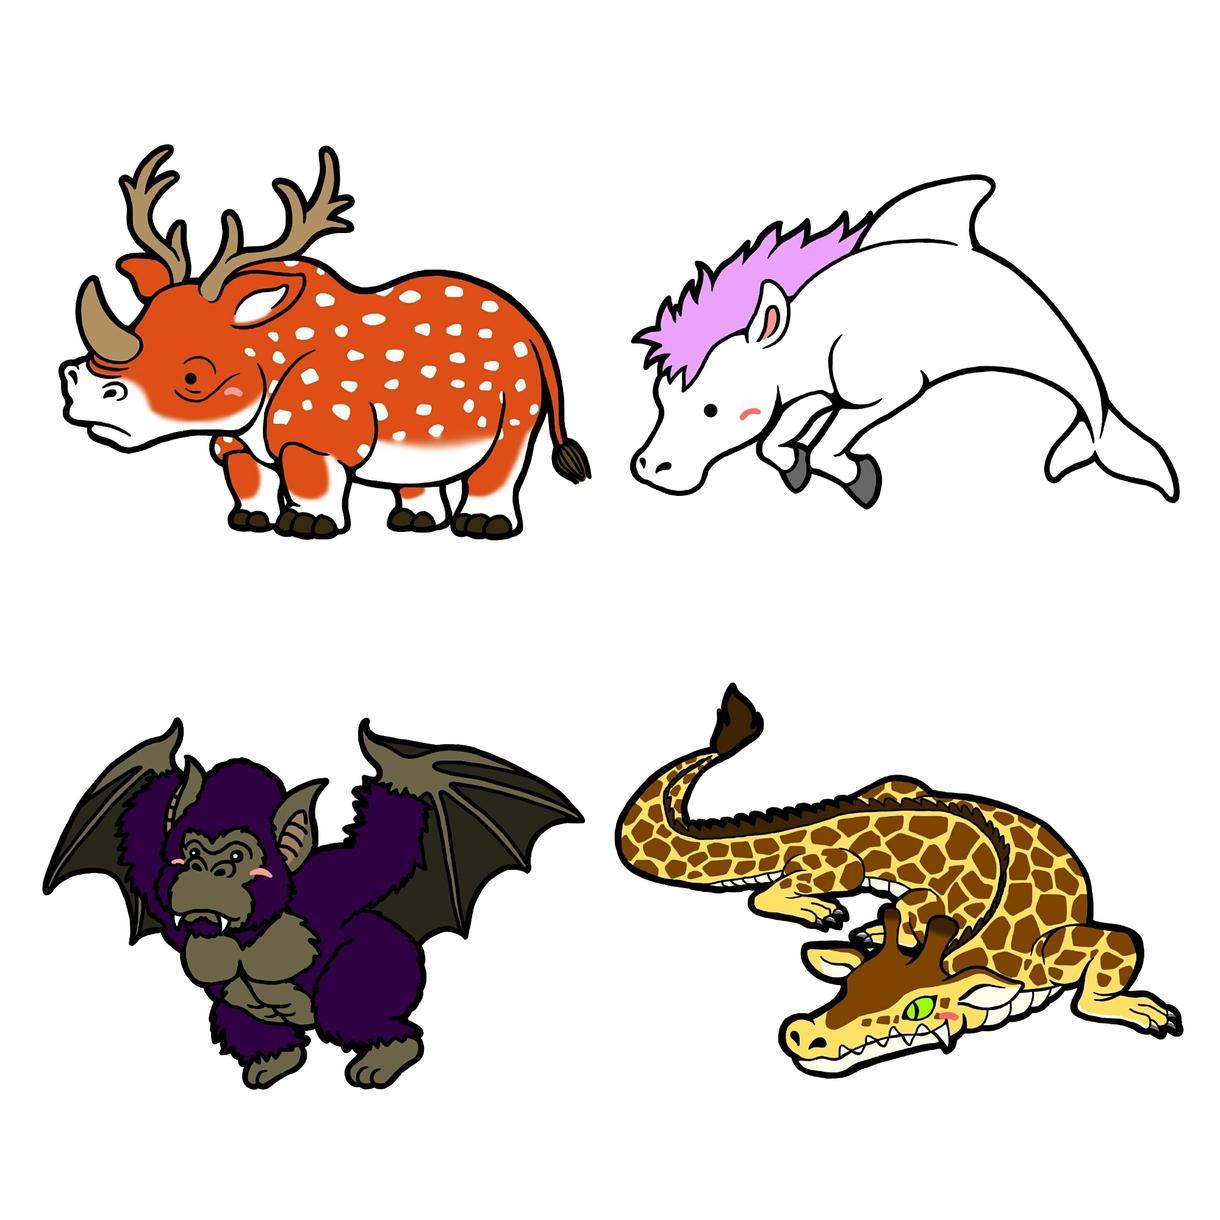 ハイブリッドアニマル描きます 動物を掛け合わせて新しい生き物を作ってみませんか。